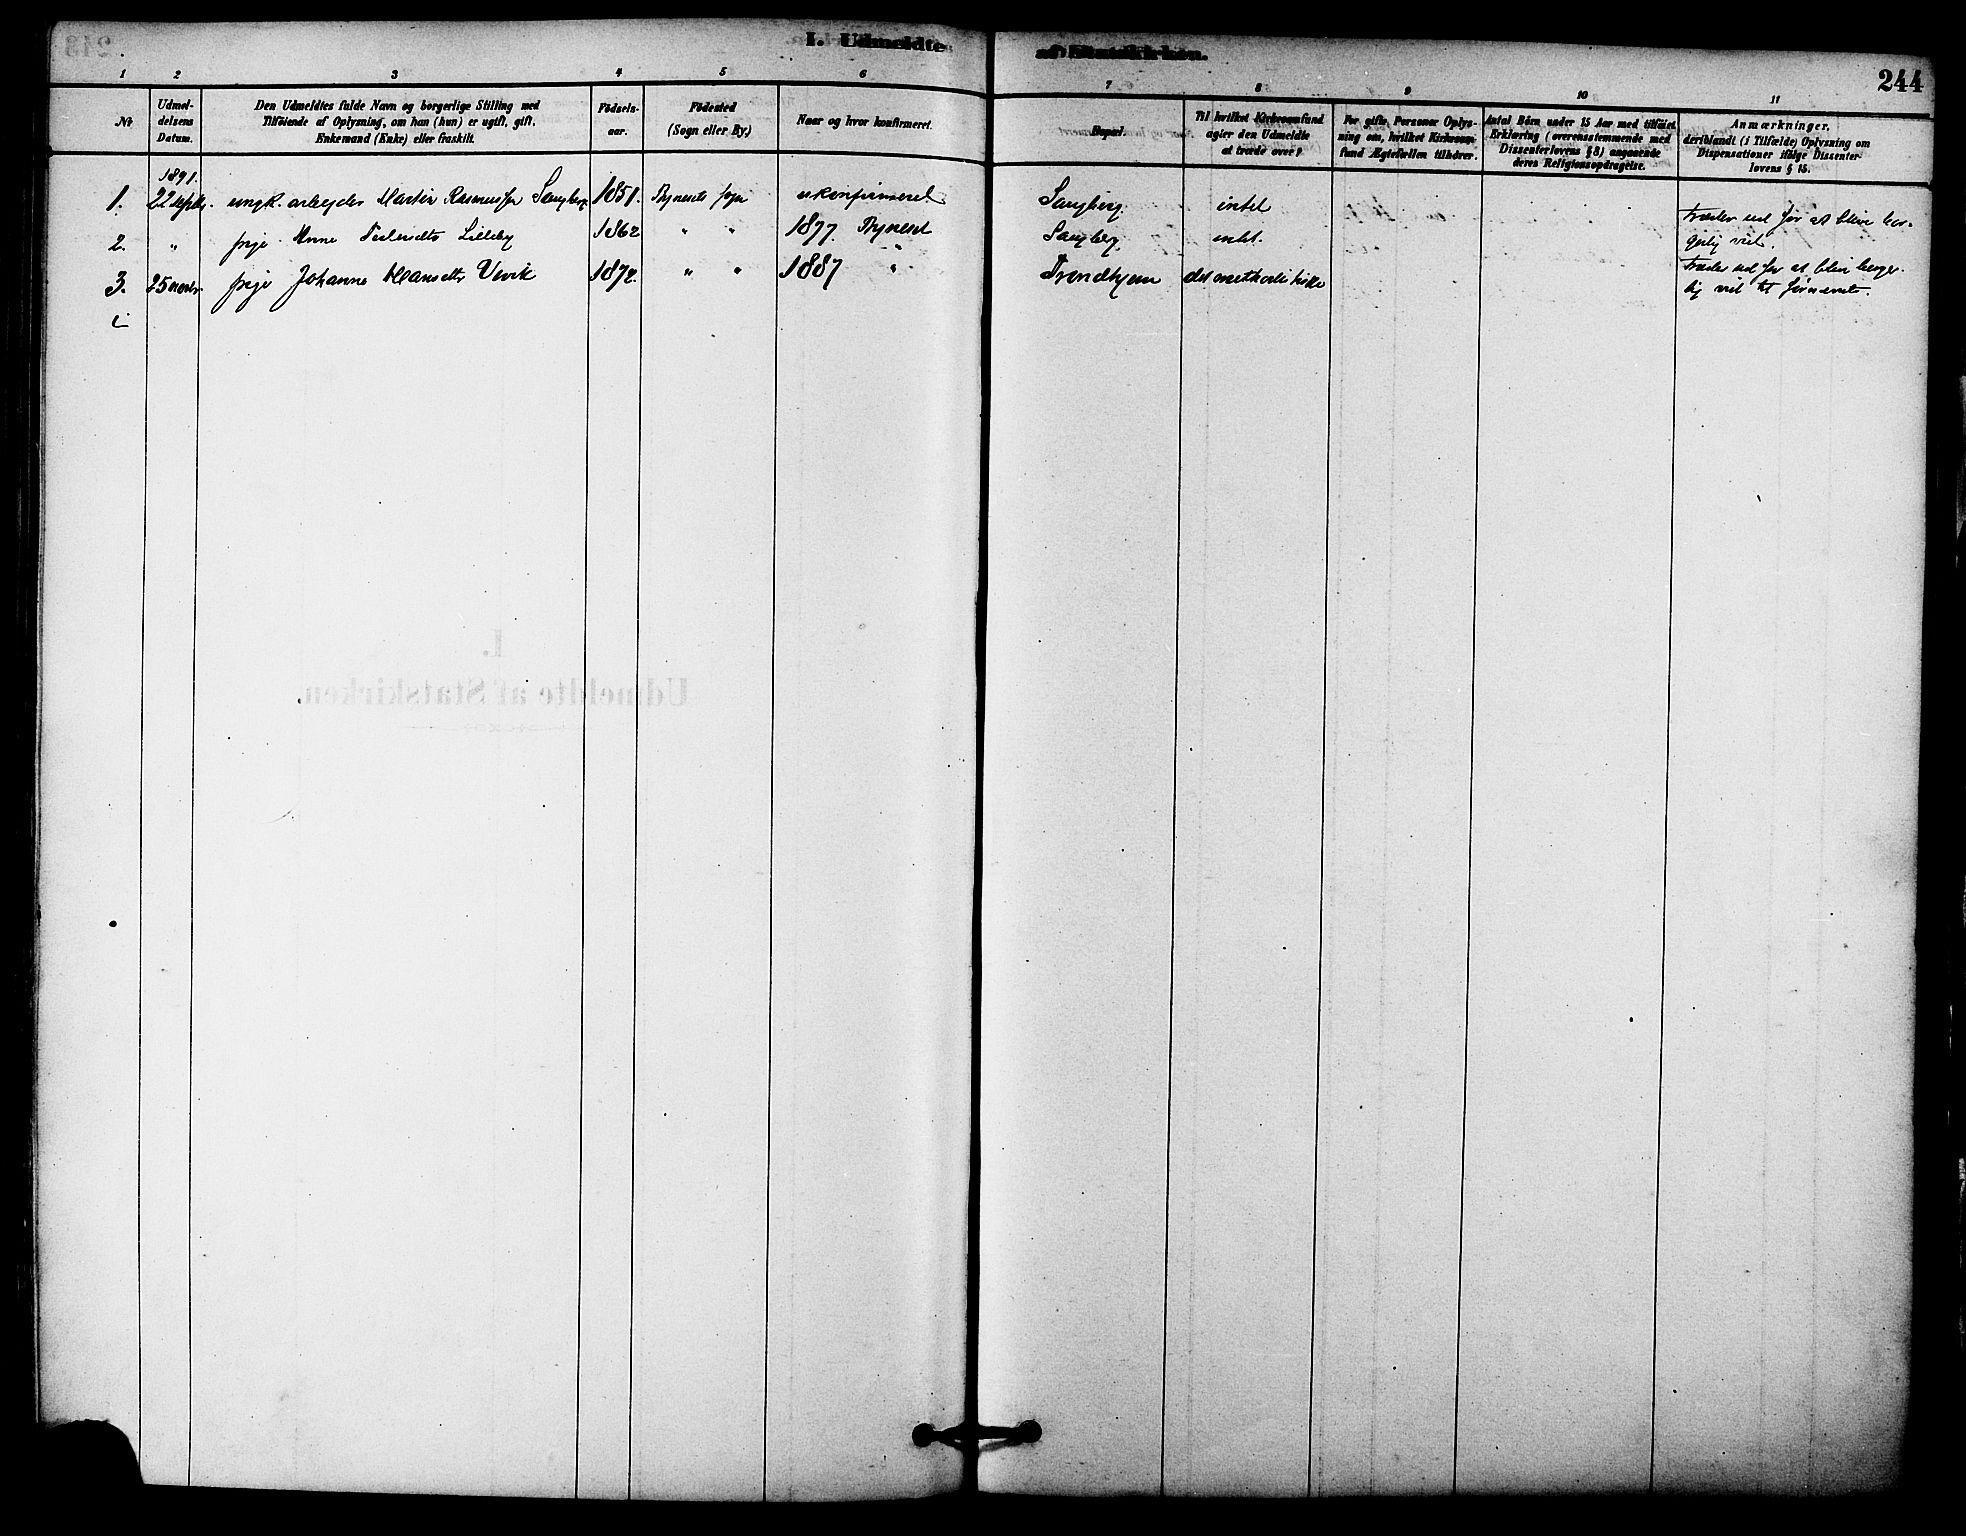 SAT, Ministerialprotokoller, klokkerbøker og fødselsregistre - Sør-Trøndelag, 612/L0378: Ministerialbok nr. 612A10, 1878-1897, s. 244